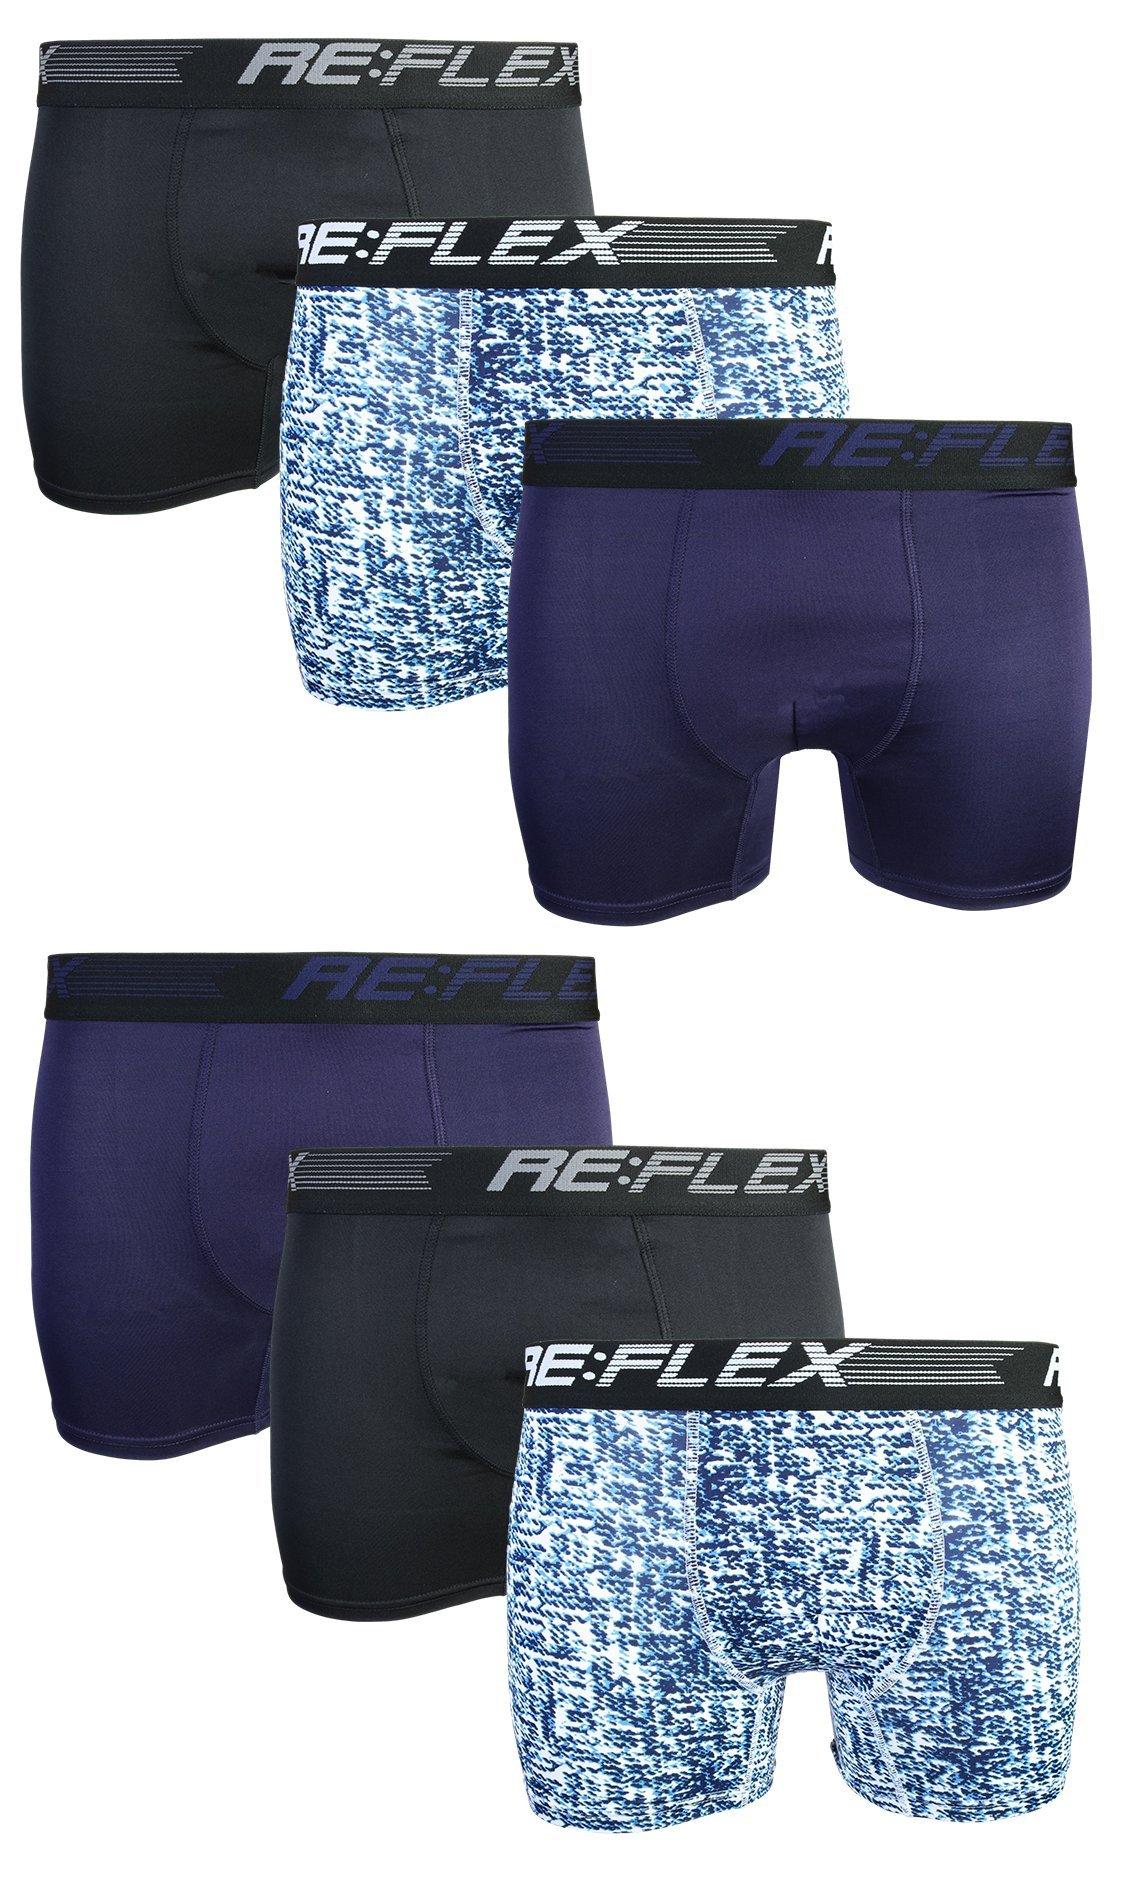 Re:Flex Men's Active Performance Boxer Briefs Underwear (6 Pack) (Large, Black/Blue Pattern)'